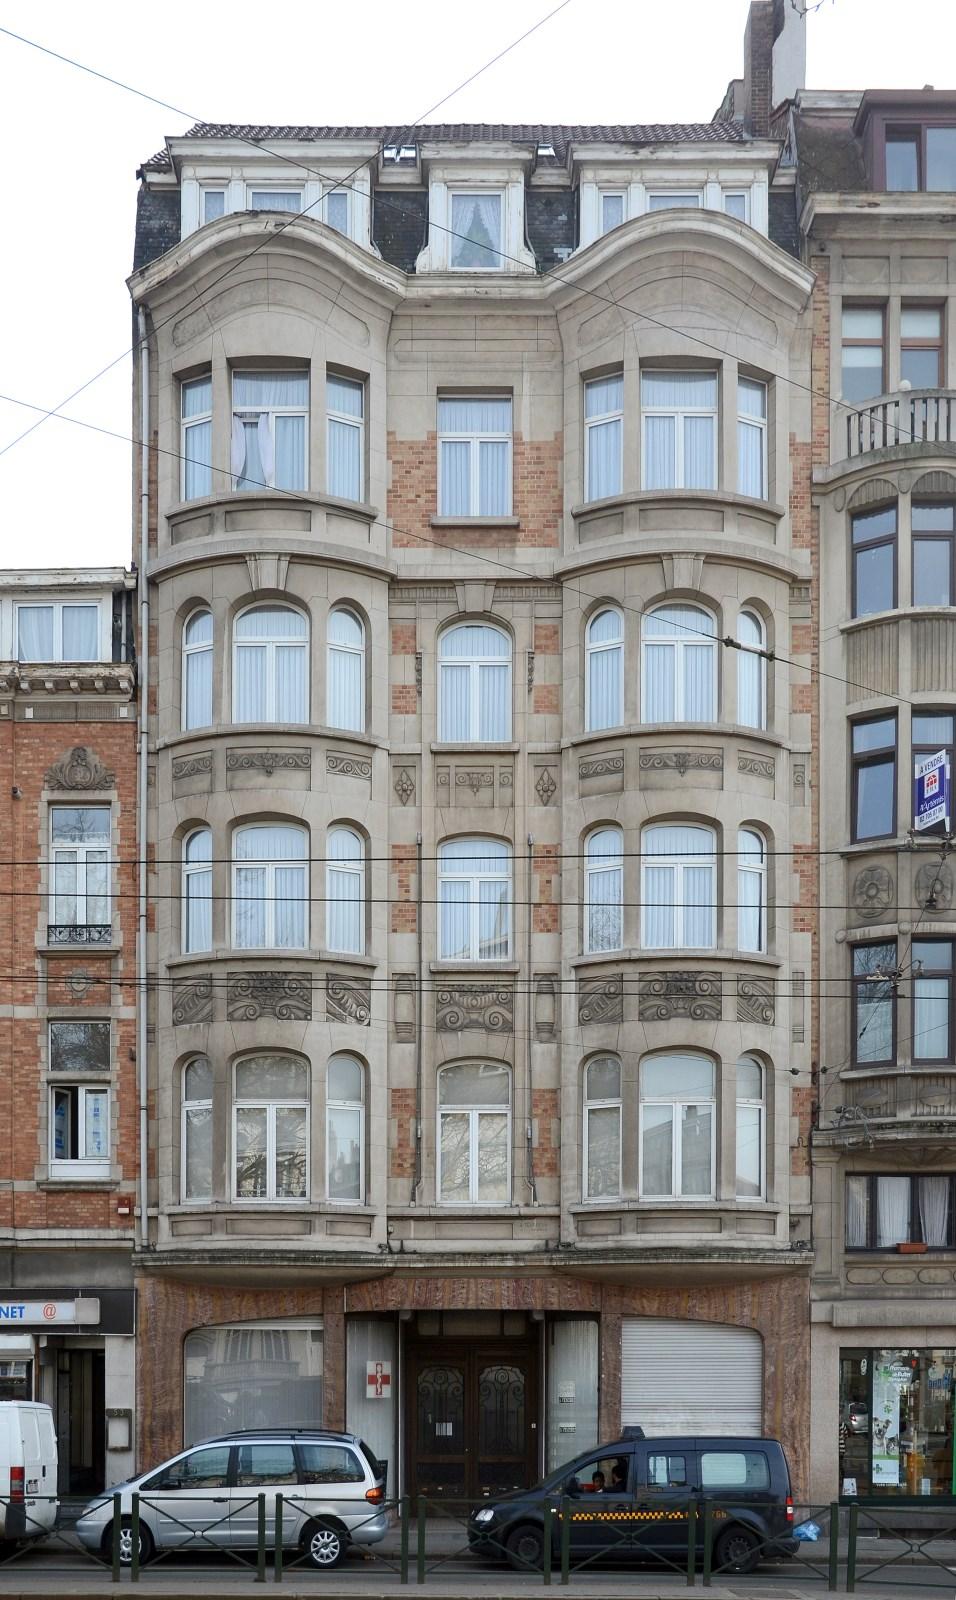 Schaarbeek lambermontlaan 51 teughels j - Deco moderne binnenmuur ...